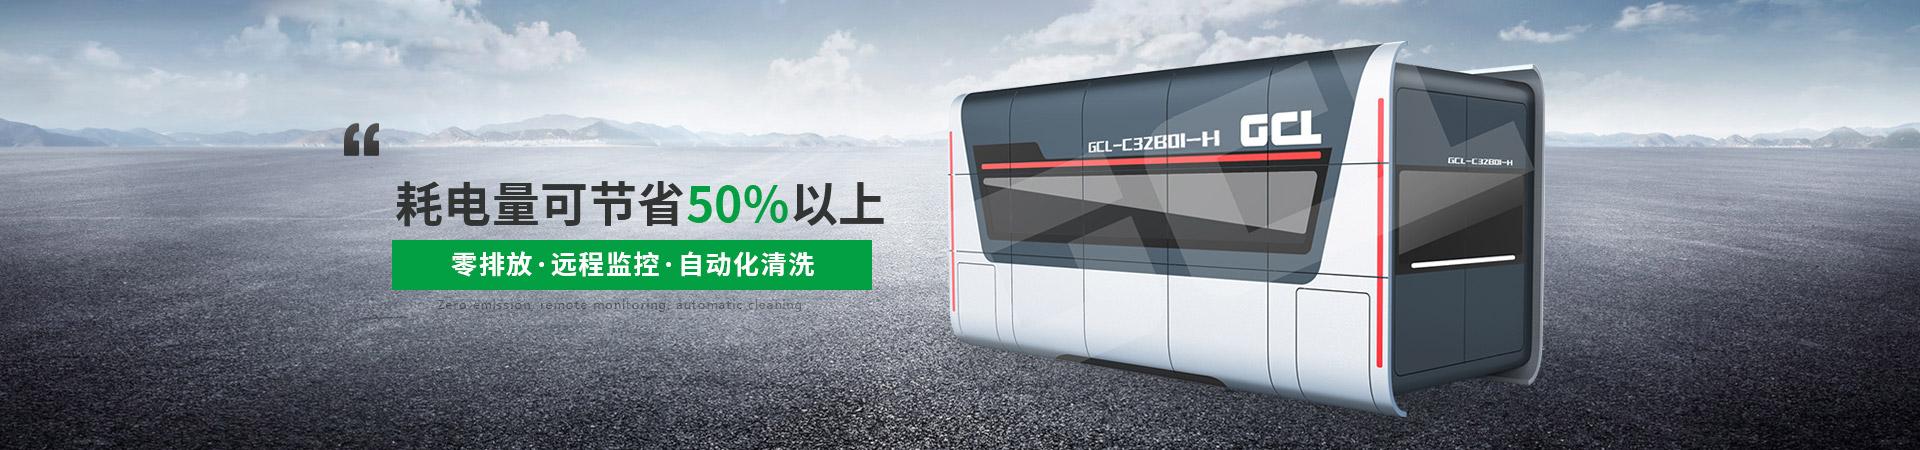 鑫承诺-耗电量可节省50%以上